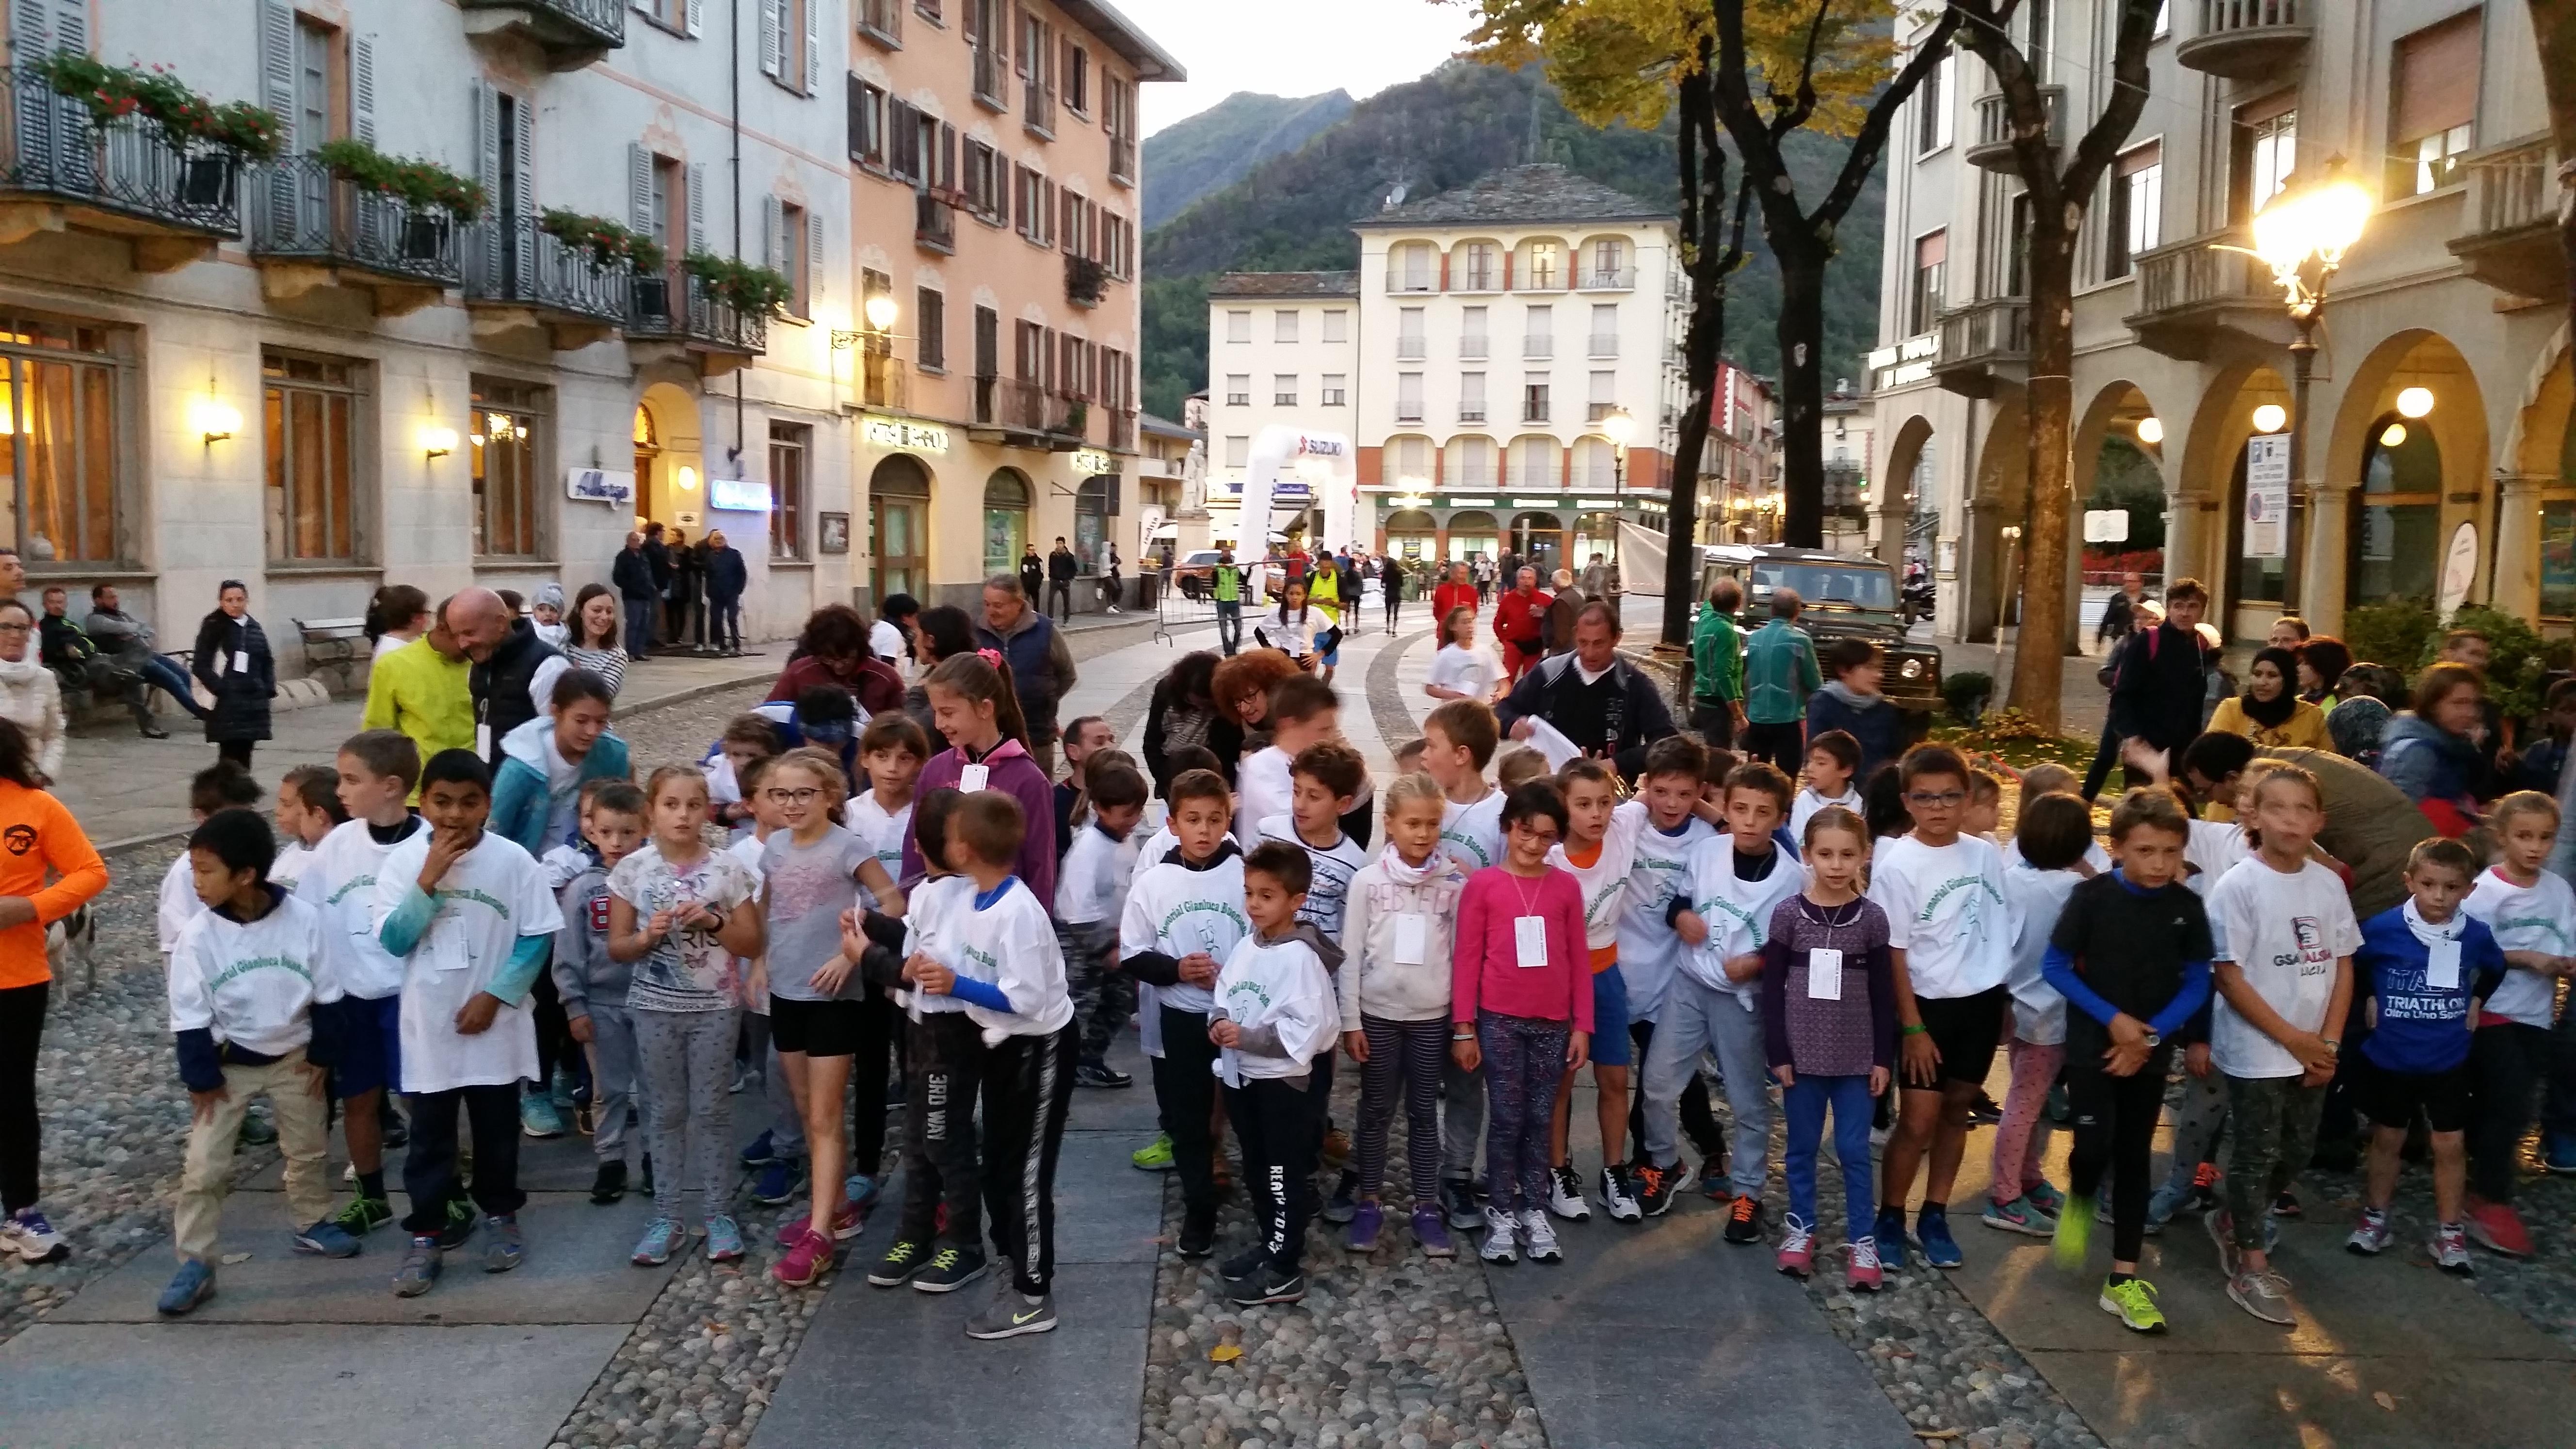 2017.10.06 Varallo memorial Buonanno partenza bambini